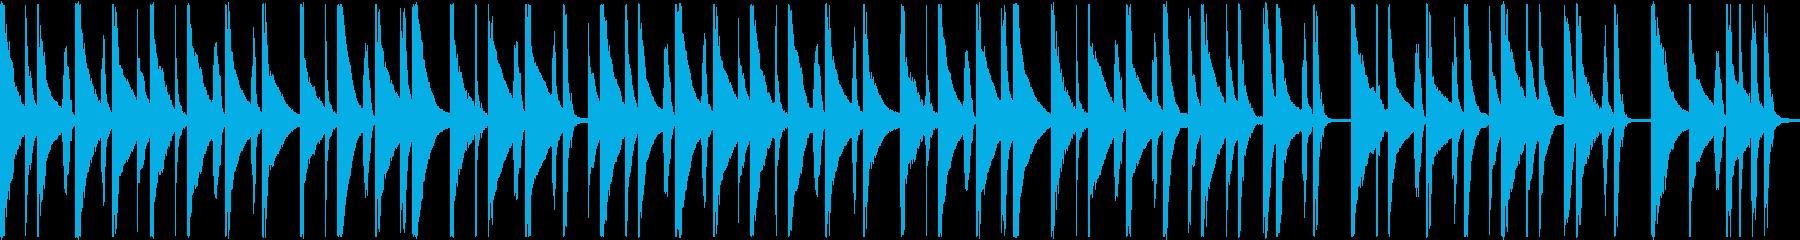 ほのぼの系マリンバショートループBGMの再生済みの波形